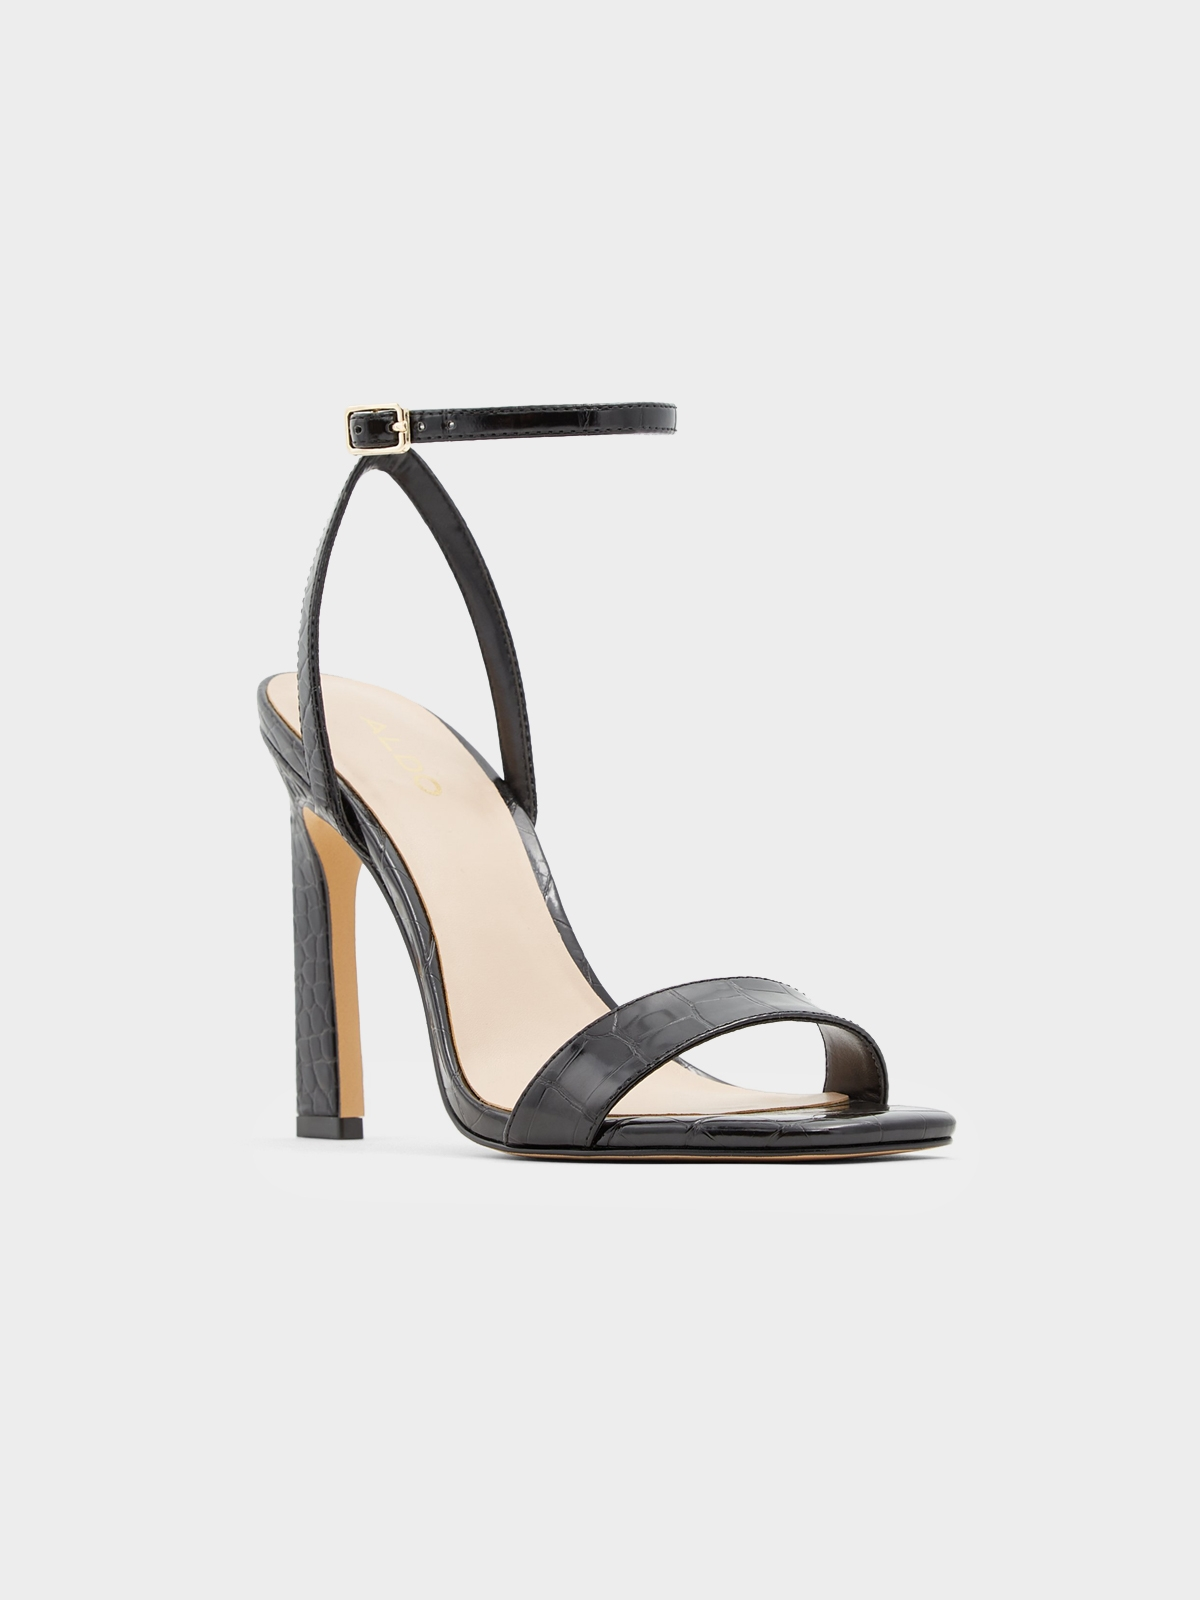 Aldo Gorgeous Heels Black